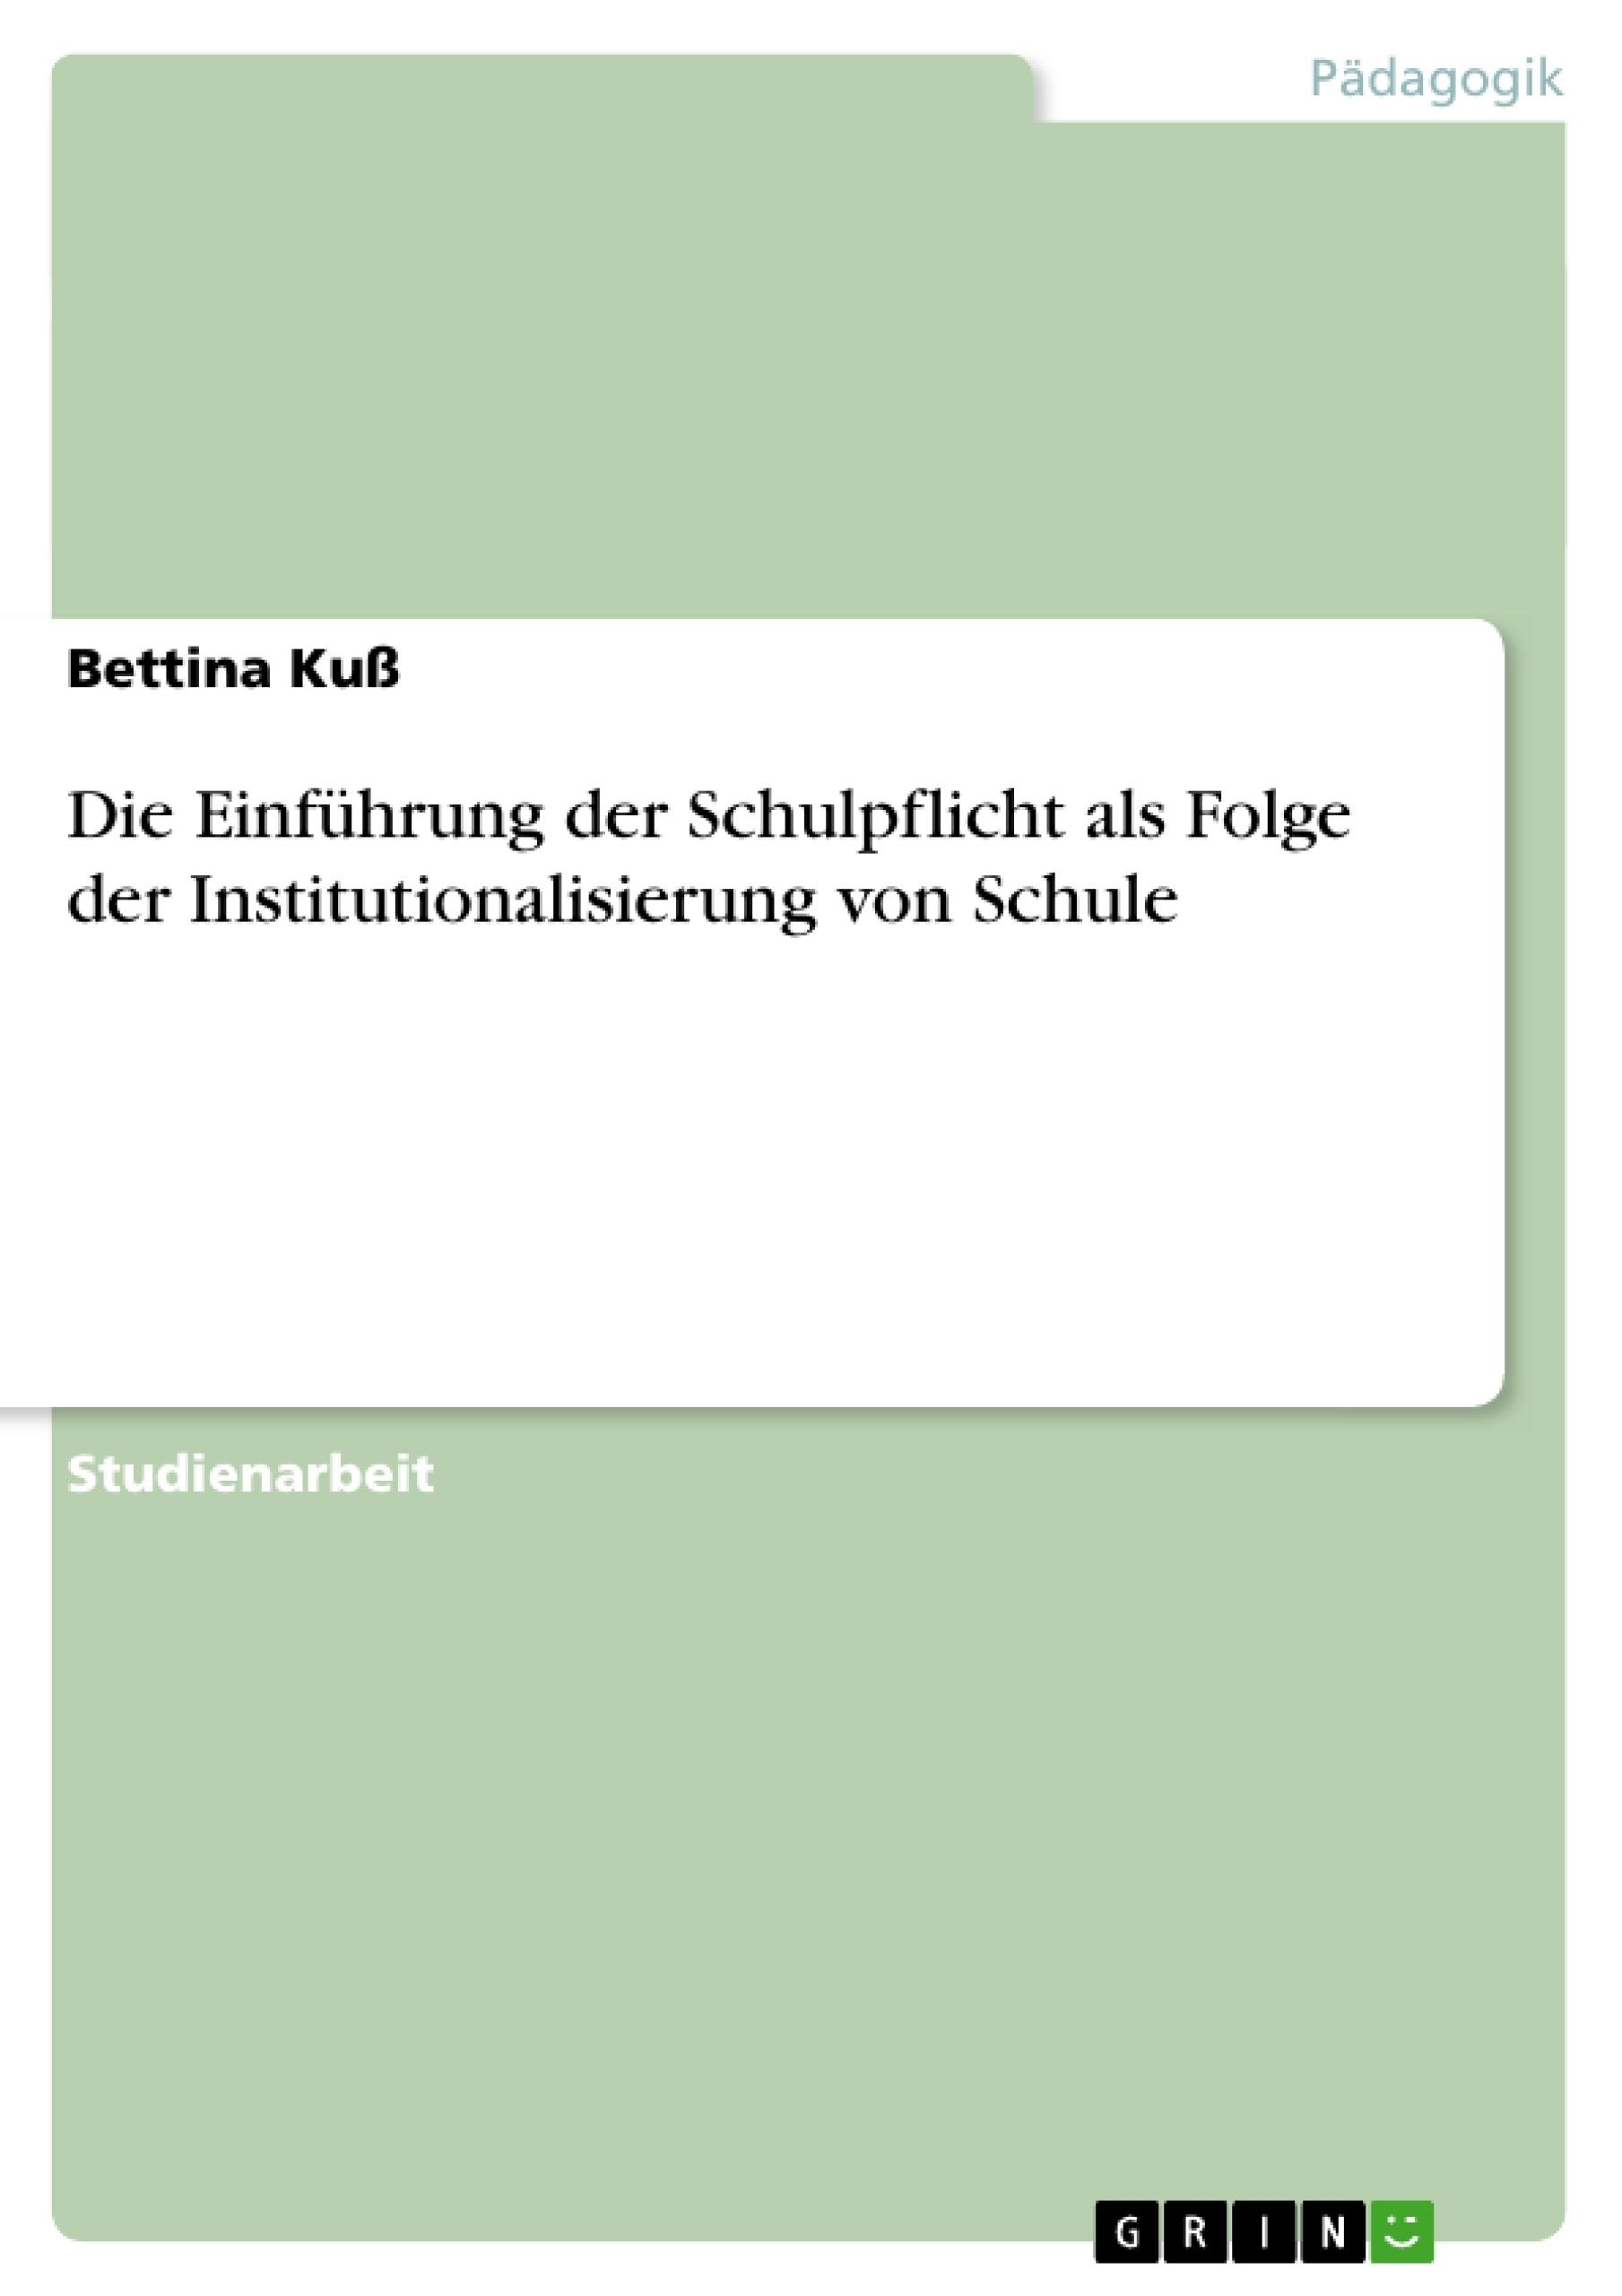 Titel: Die Einführung der Schulpflicht als Folge der Institutionalisierung von Schule